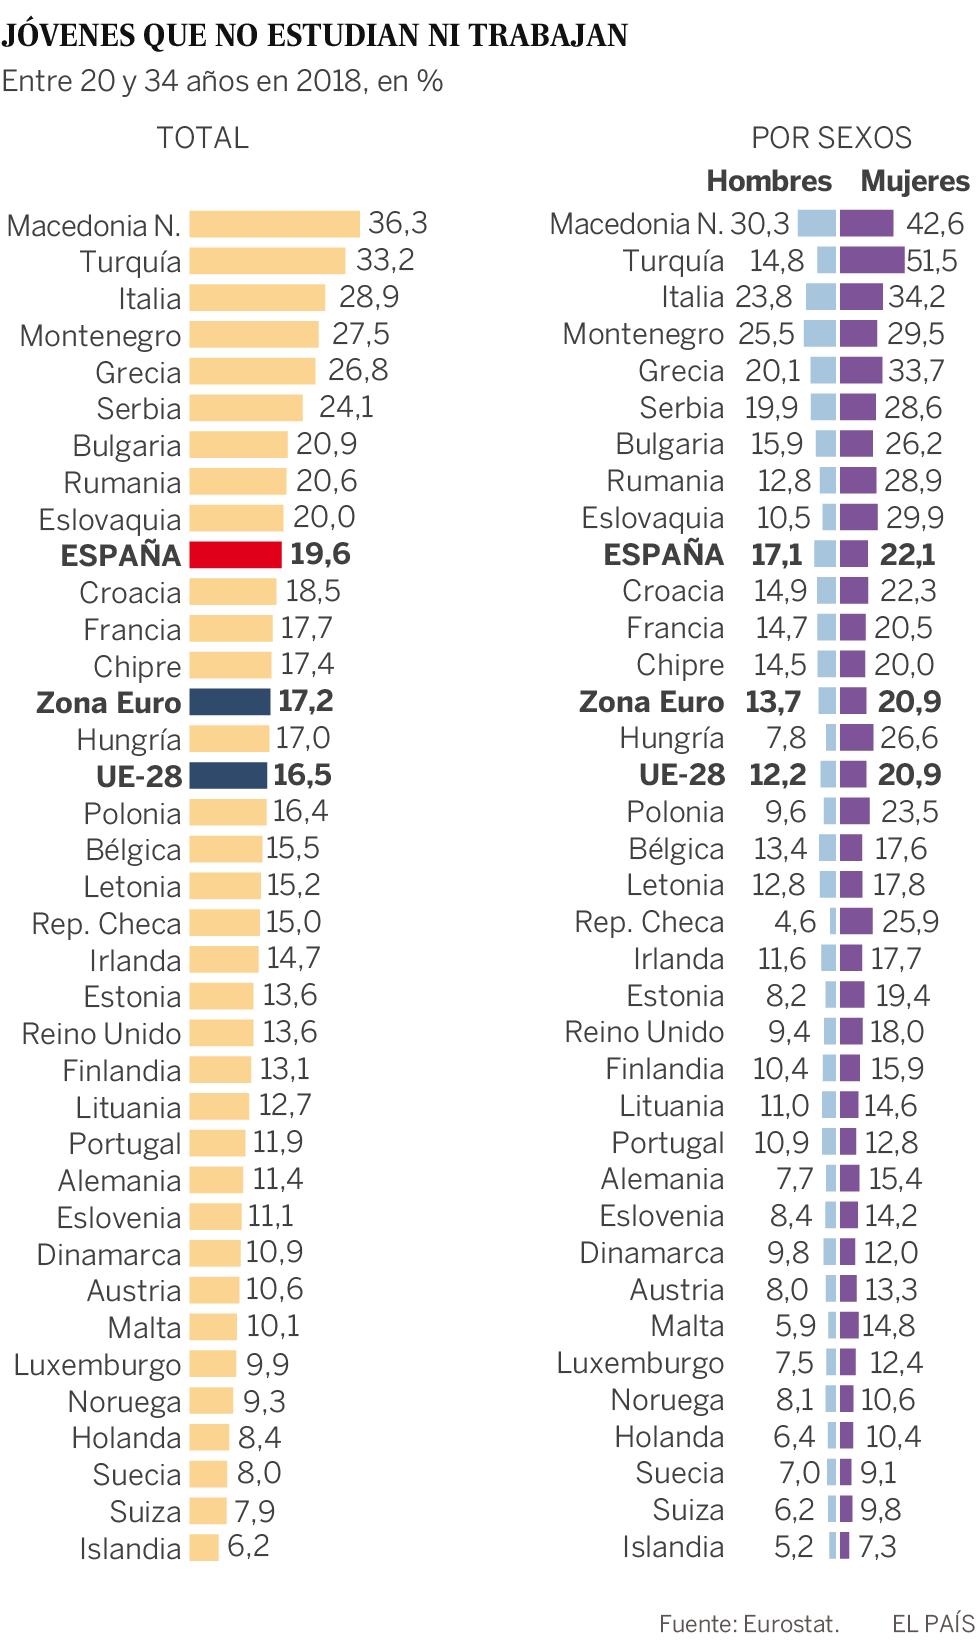 Las jóvenes ninis son más que los hombres en todos los países de la UE